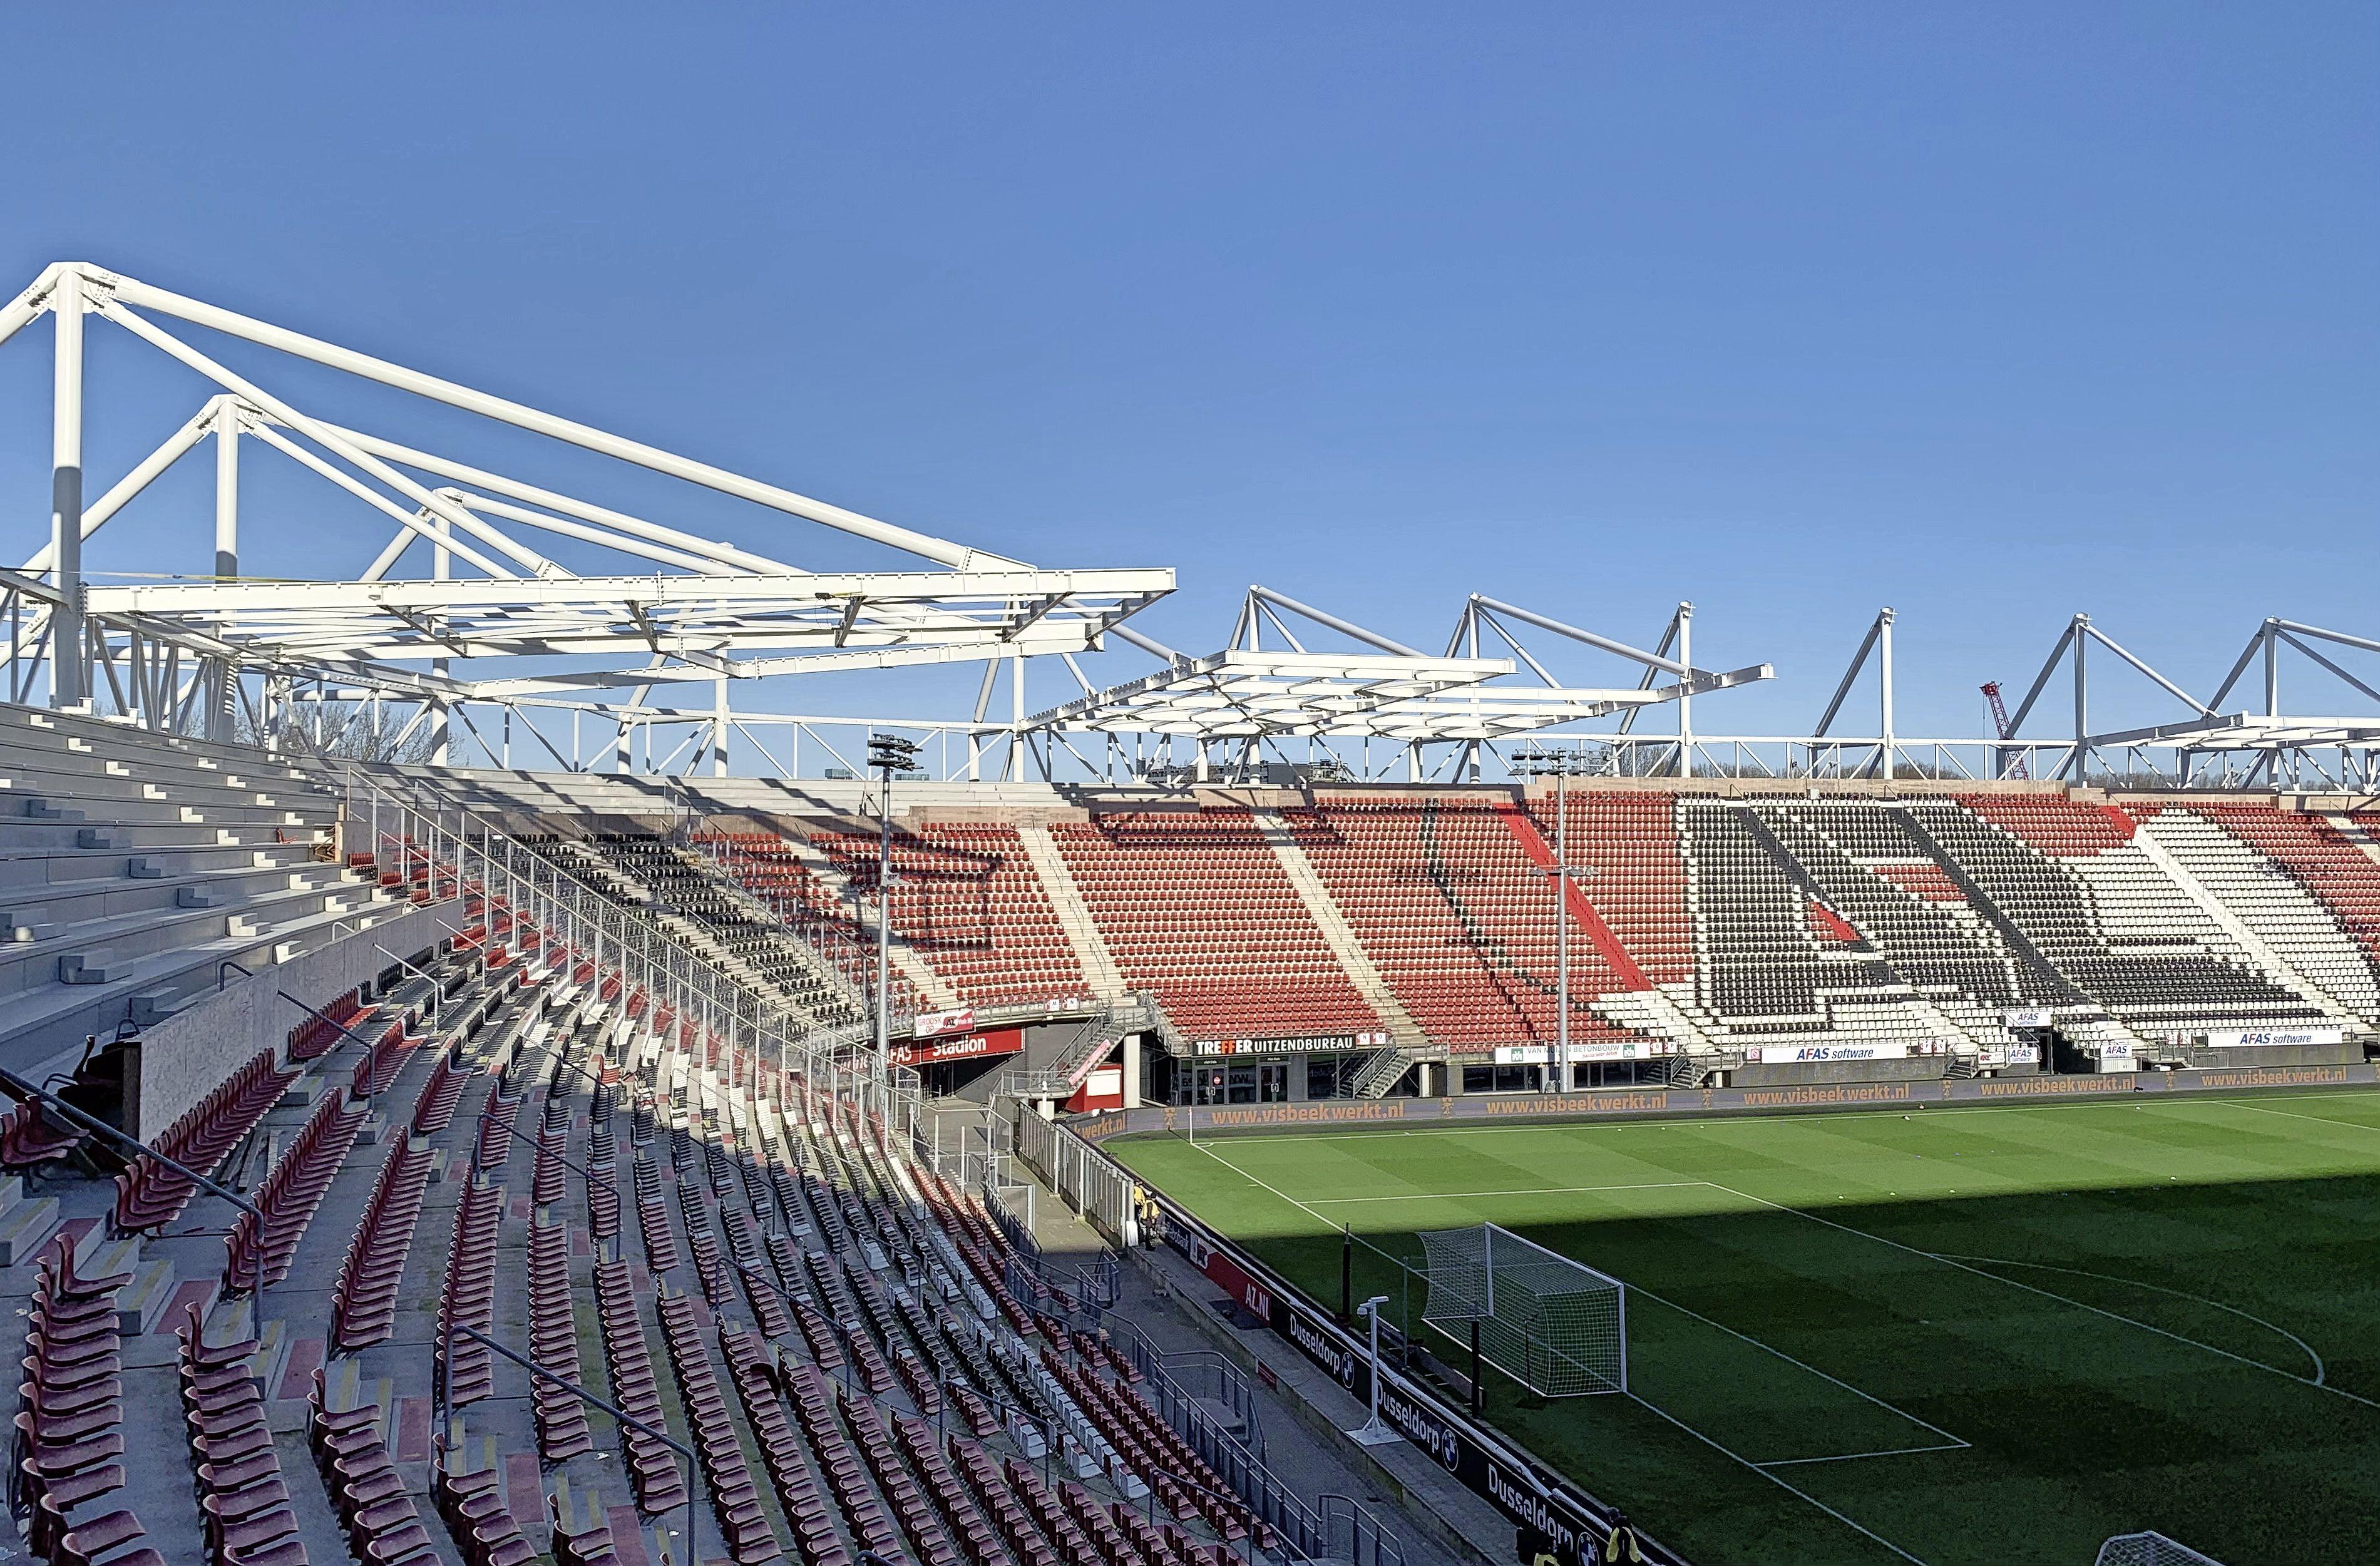 We kunnen wel stellen dat het stadion van AZ een flinke upgrade krijgt | column Brian Wijker